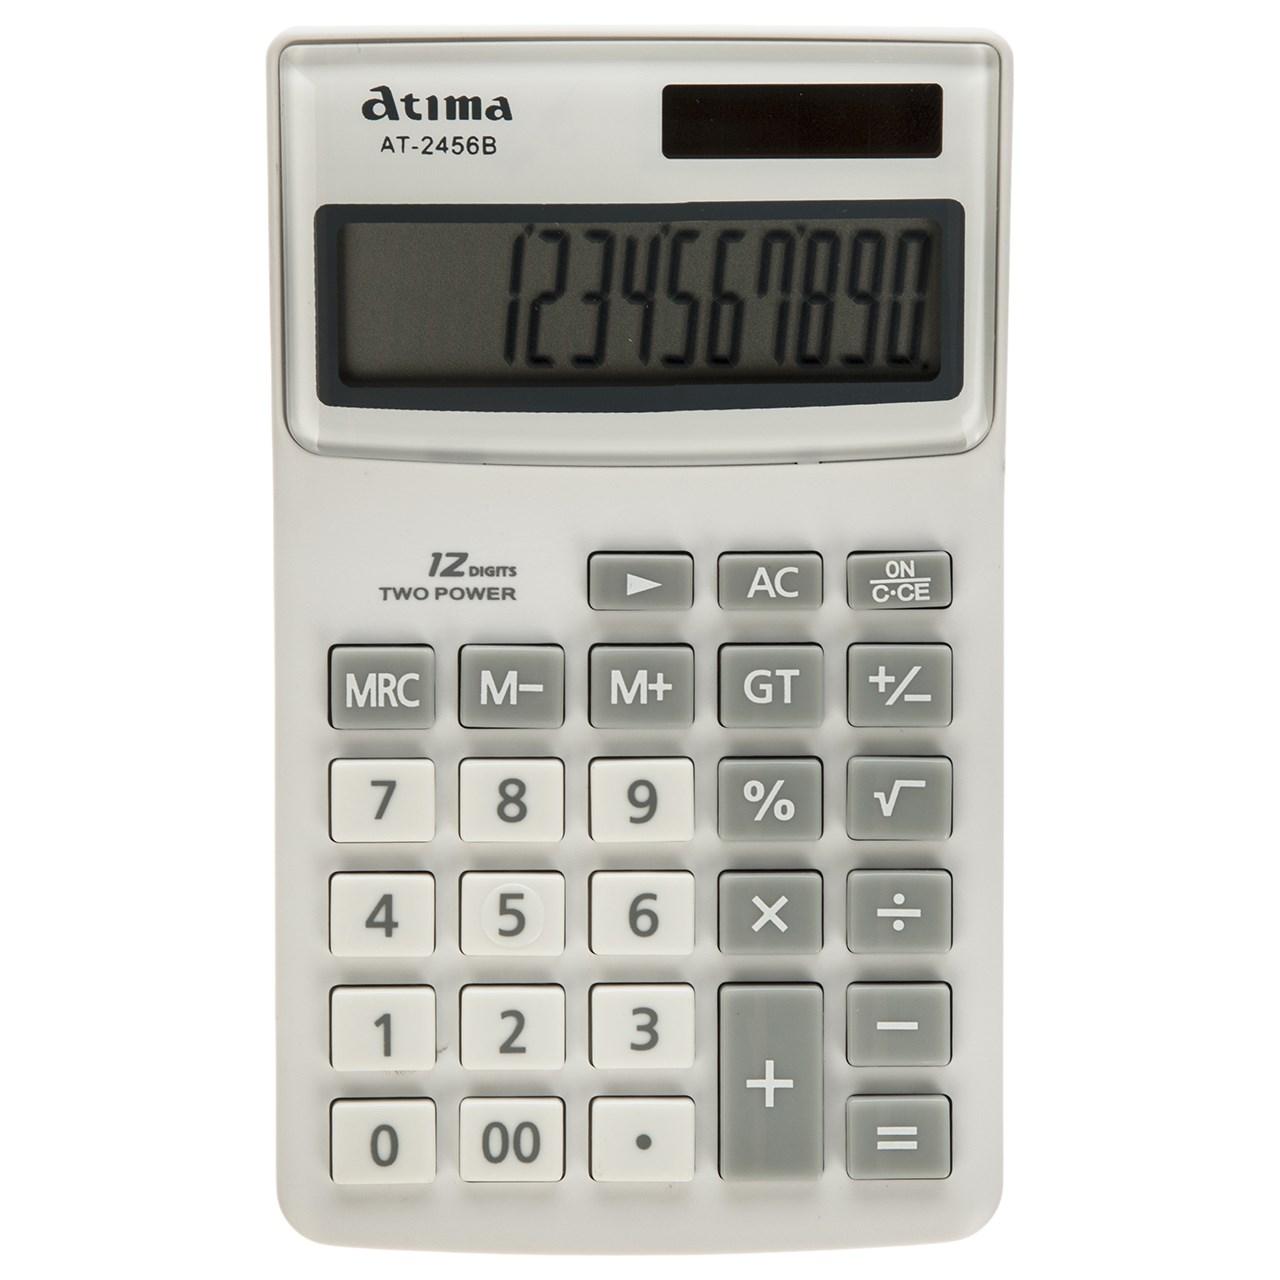 قیمت                      ماشین حساب آتیما مدل AT-2456B